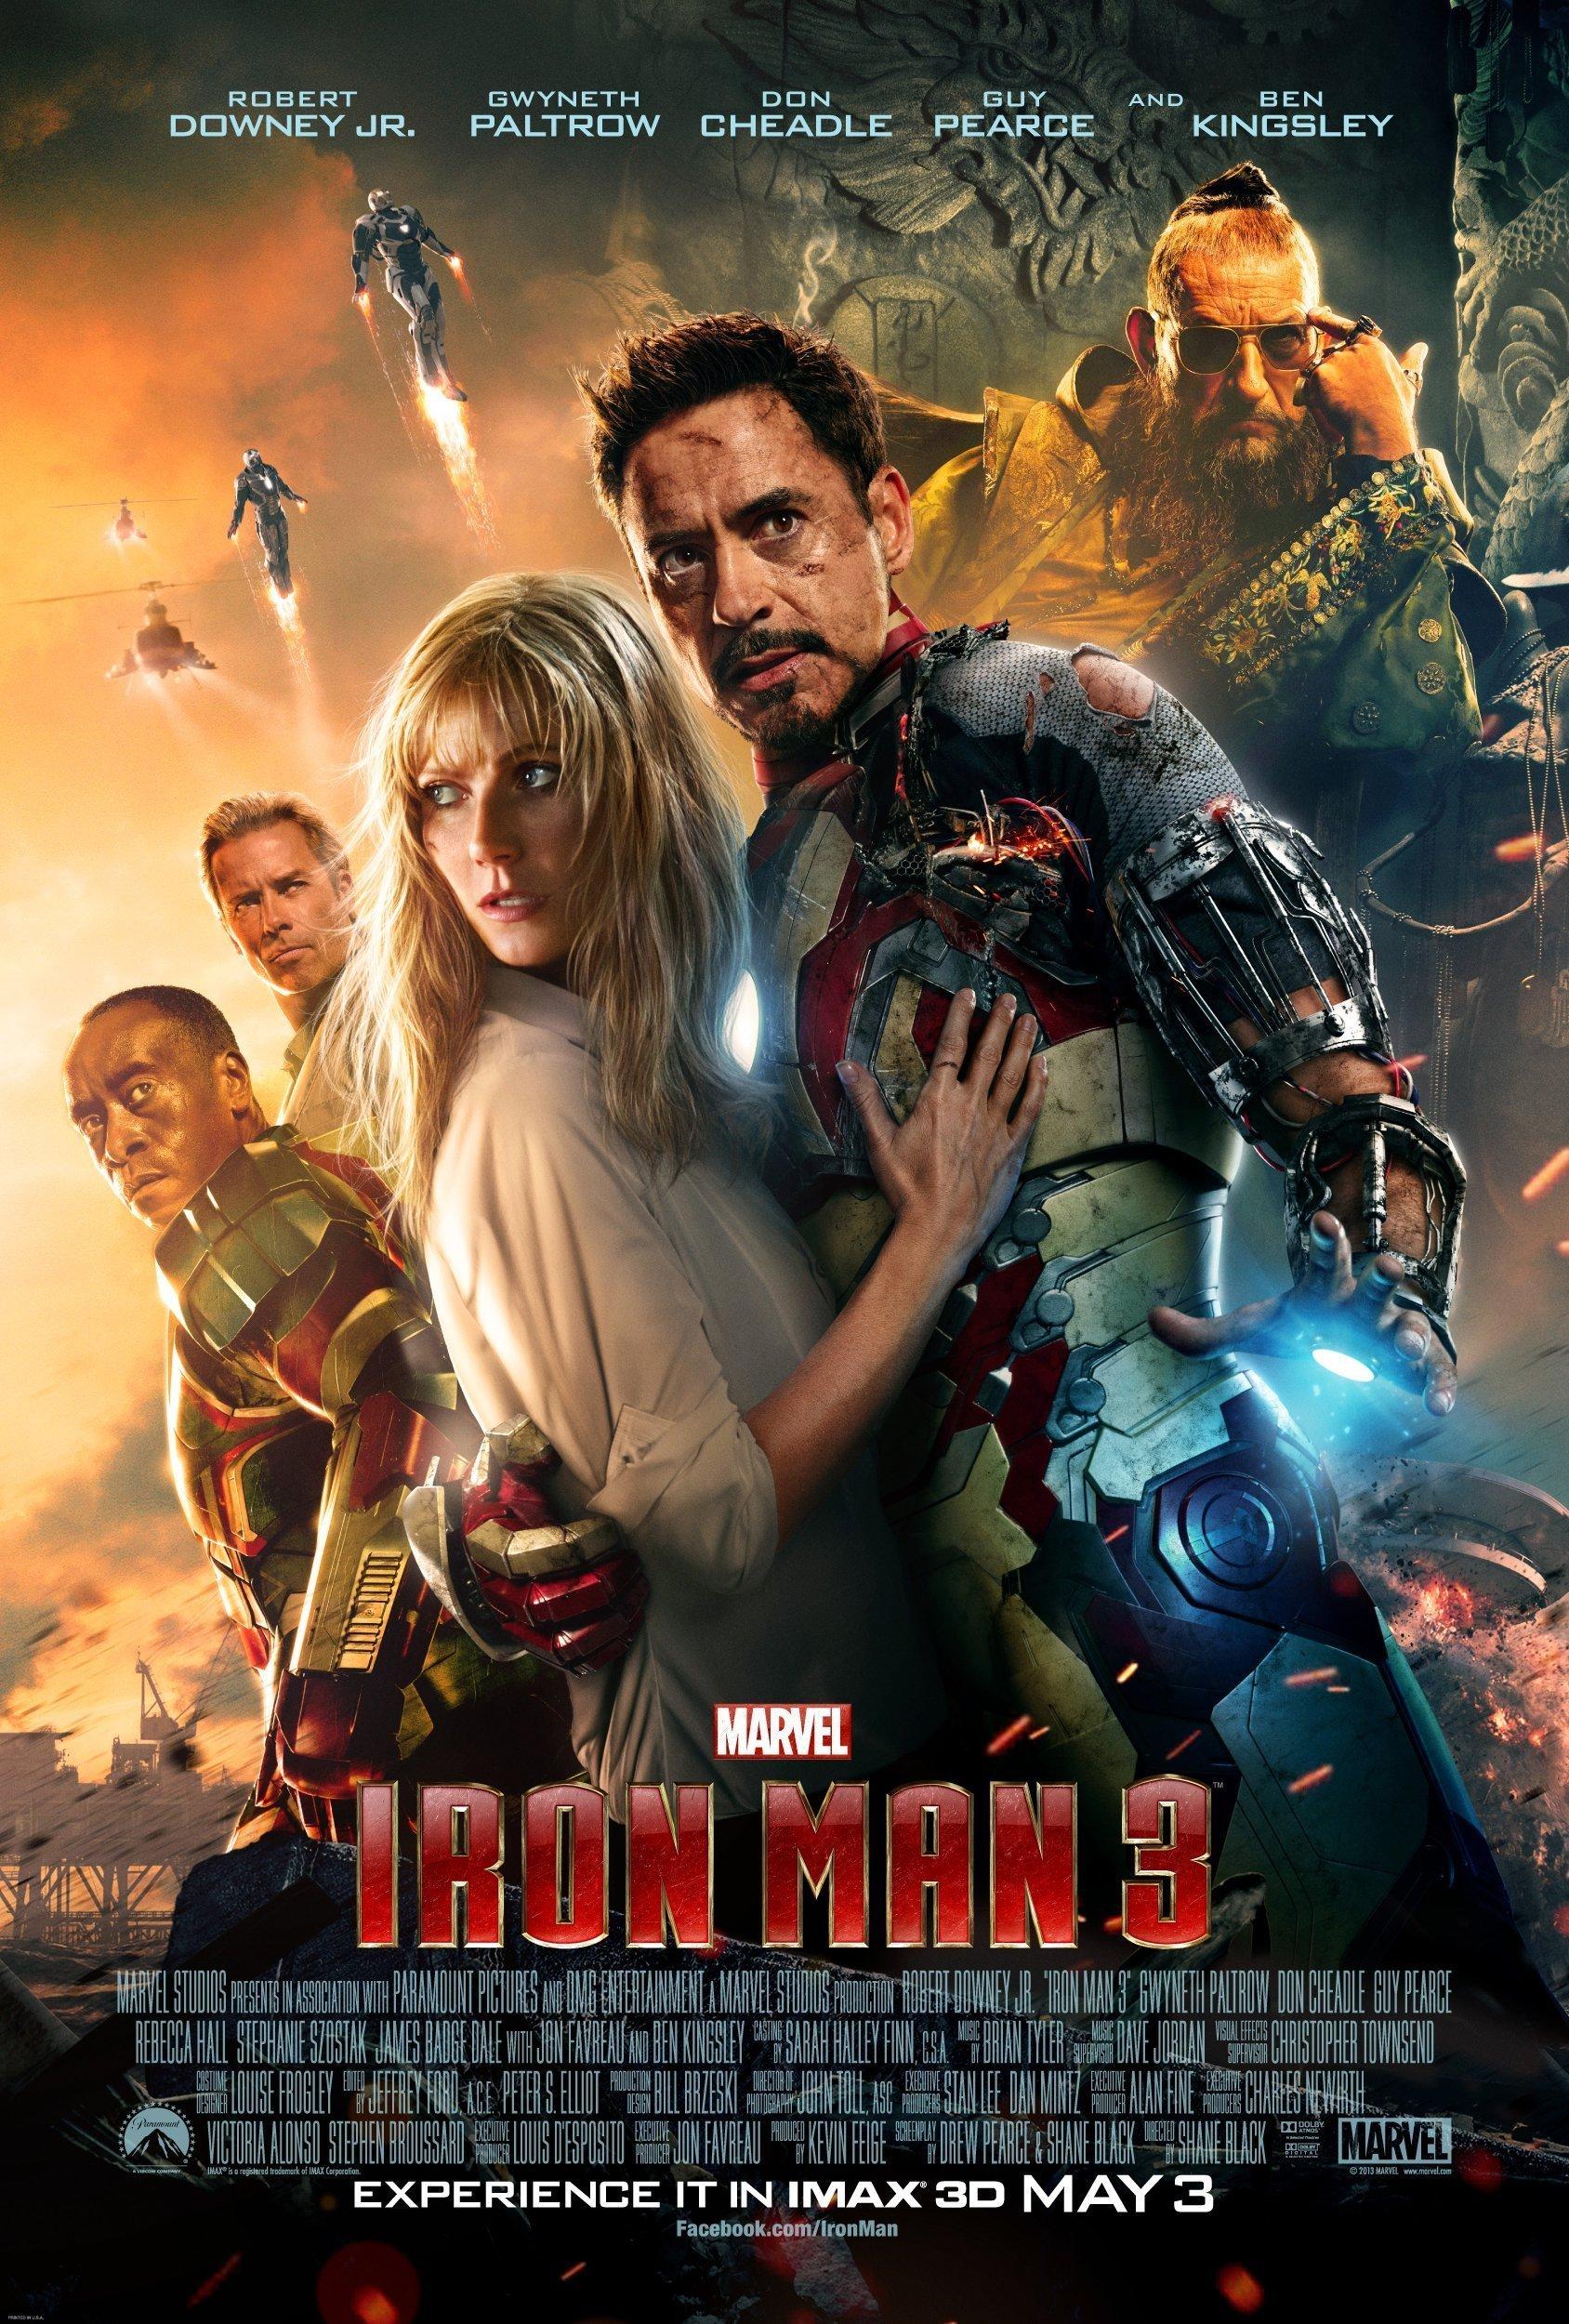 Poster du film Iron Man 3 réalisé par Shane Black avec Robert Downey Jr., Gwyneth Paltrow, Guy Pearce, Ben Kingsley et Don Cheadle